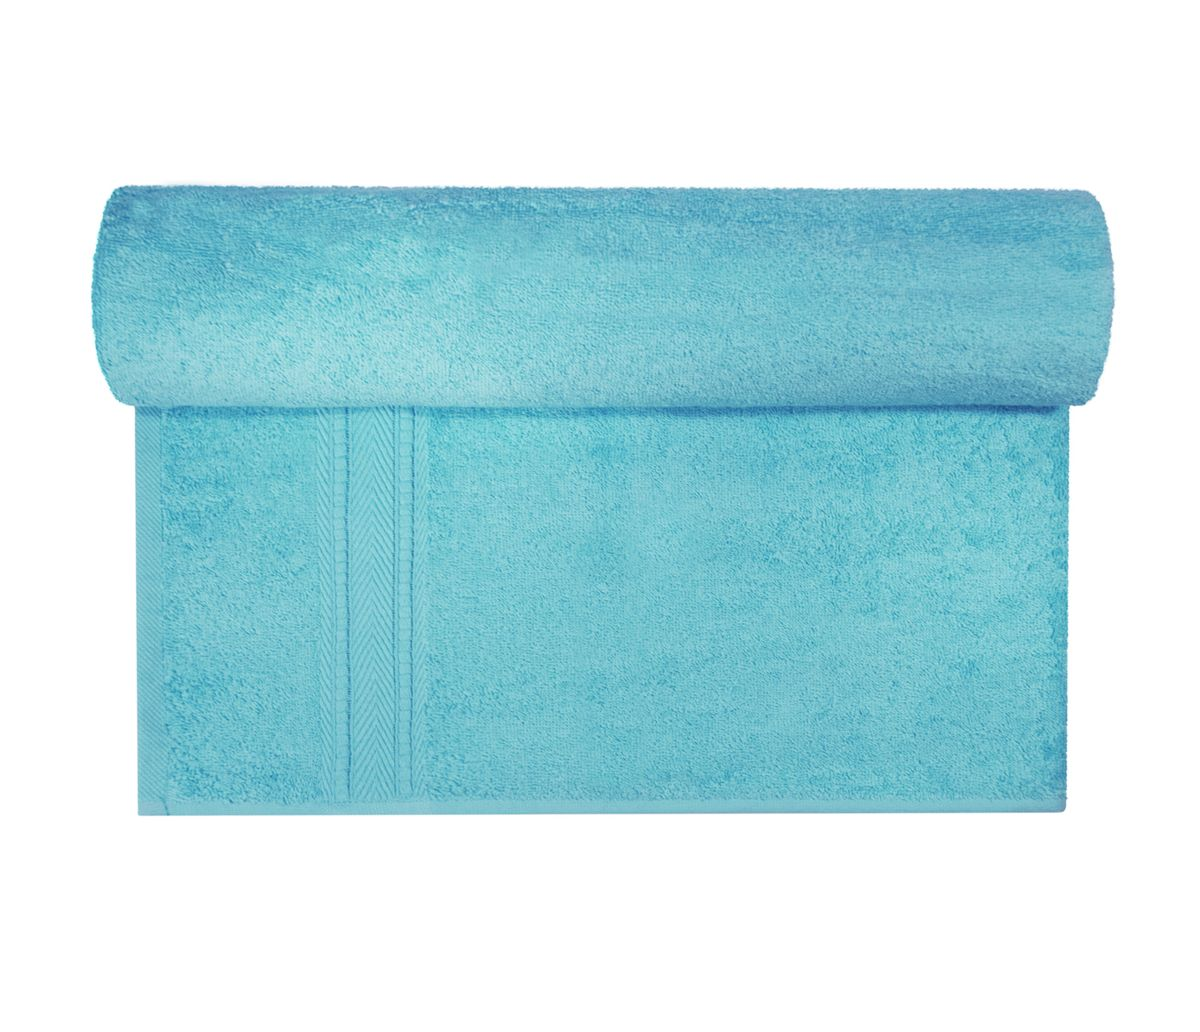 """В состав полотенца """"Osborn Textile"""" входит только натуральное волокно - хлопок. Лаконичные бордюры подойдут для любого интерьера ванной комнаты. Полотенце прекрасно впитывает влагу и быстро сохнет. При соблюдении рекомендаций по уходу не линяет и не теряет форму даже после многократных стирок. Плотность: 450 г/м2."""